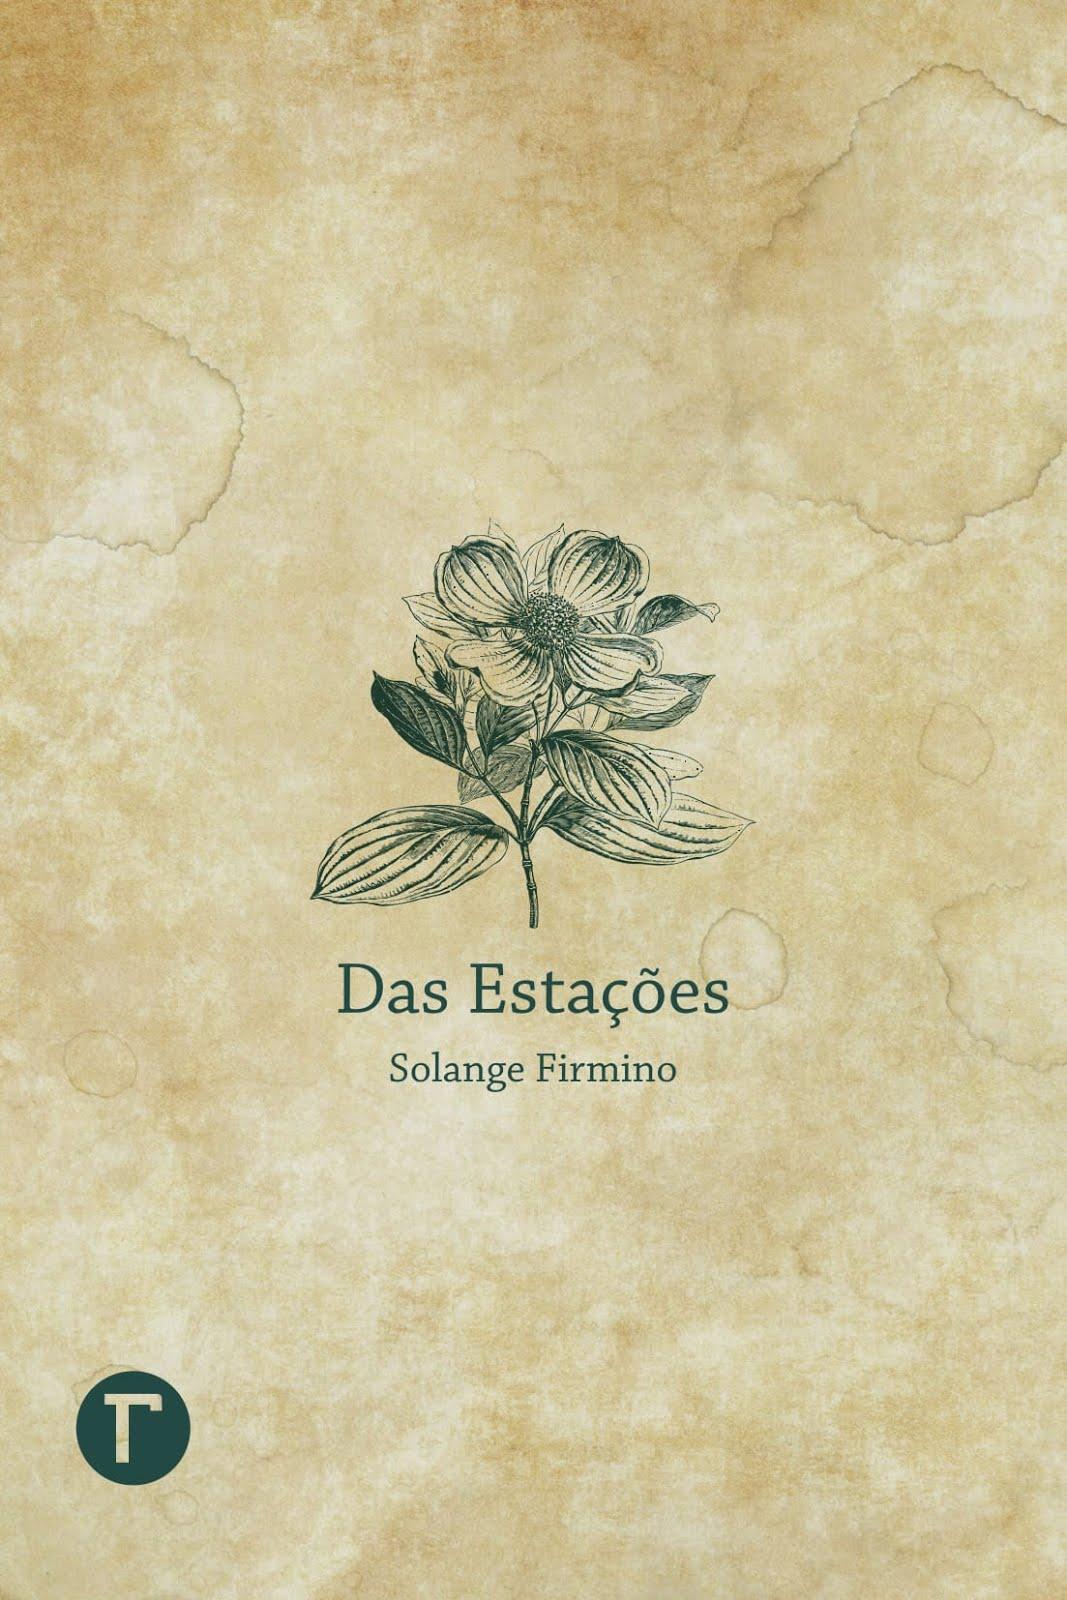 capa do livro 'Das estações'